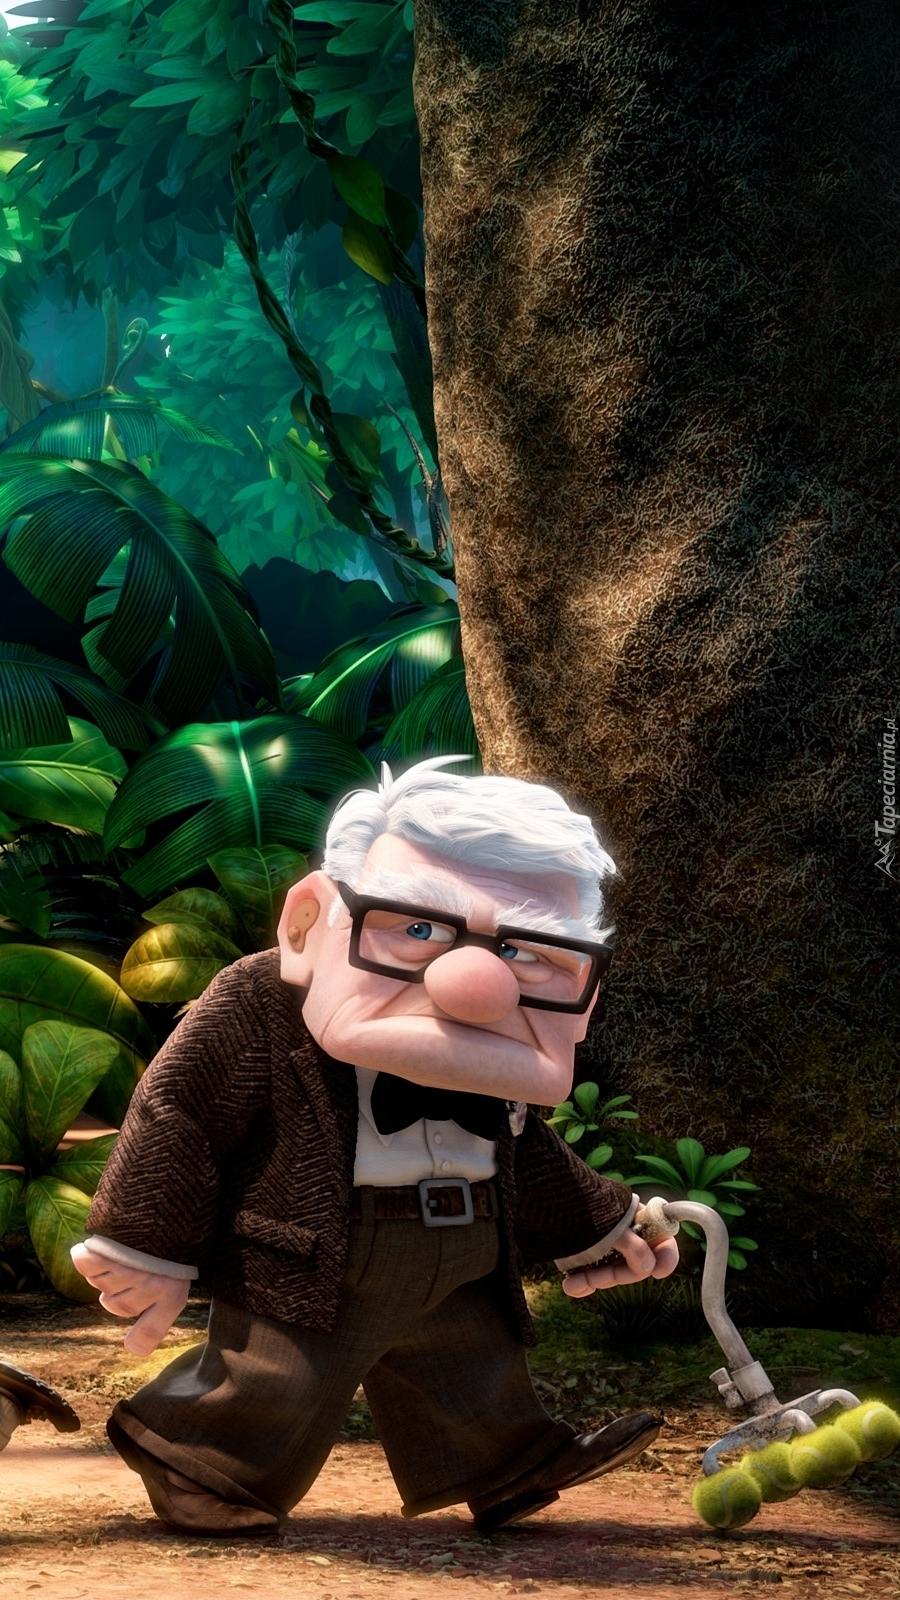 Dziadek Carl Fredricksen w filmie animowanym Odlot